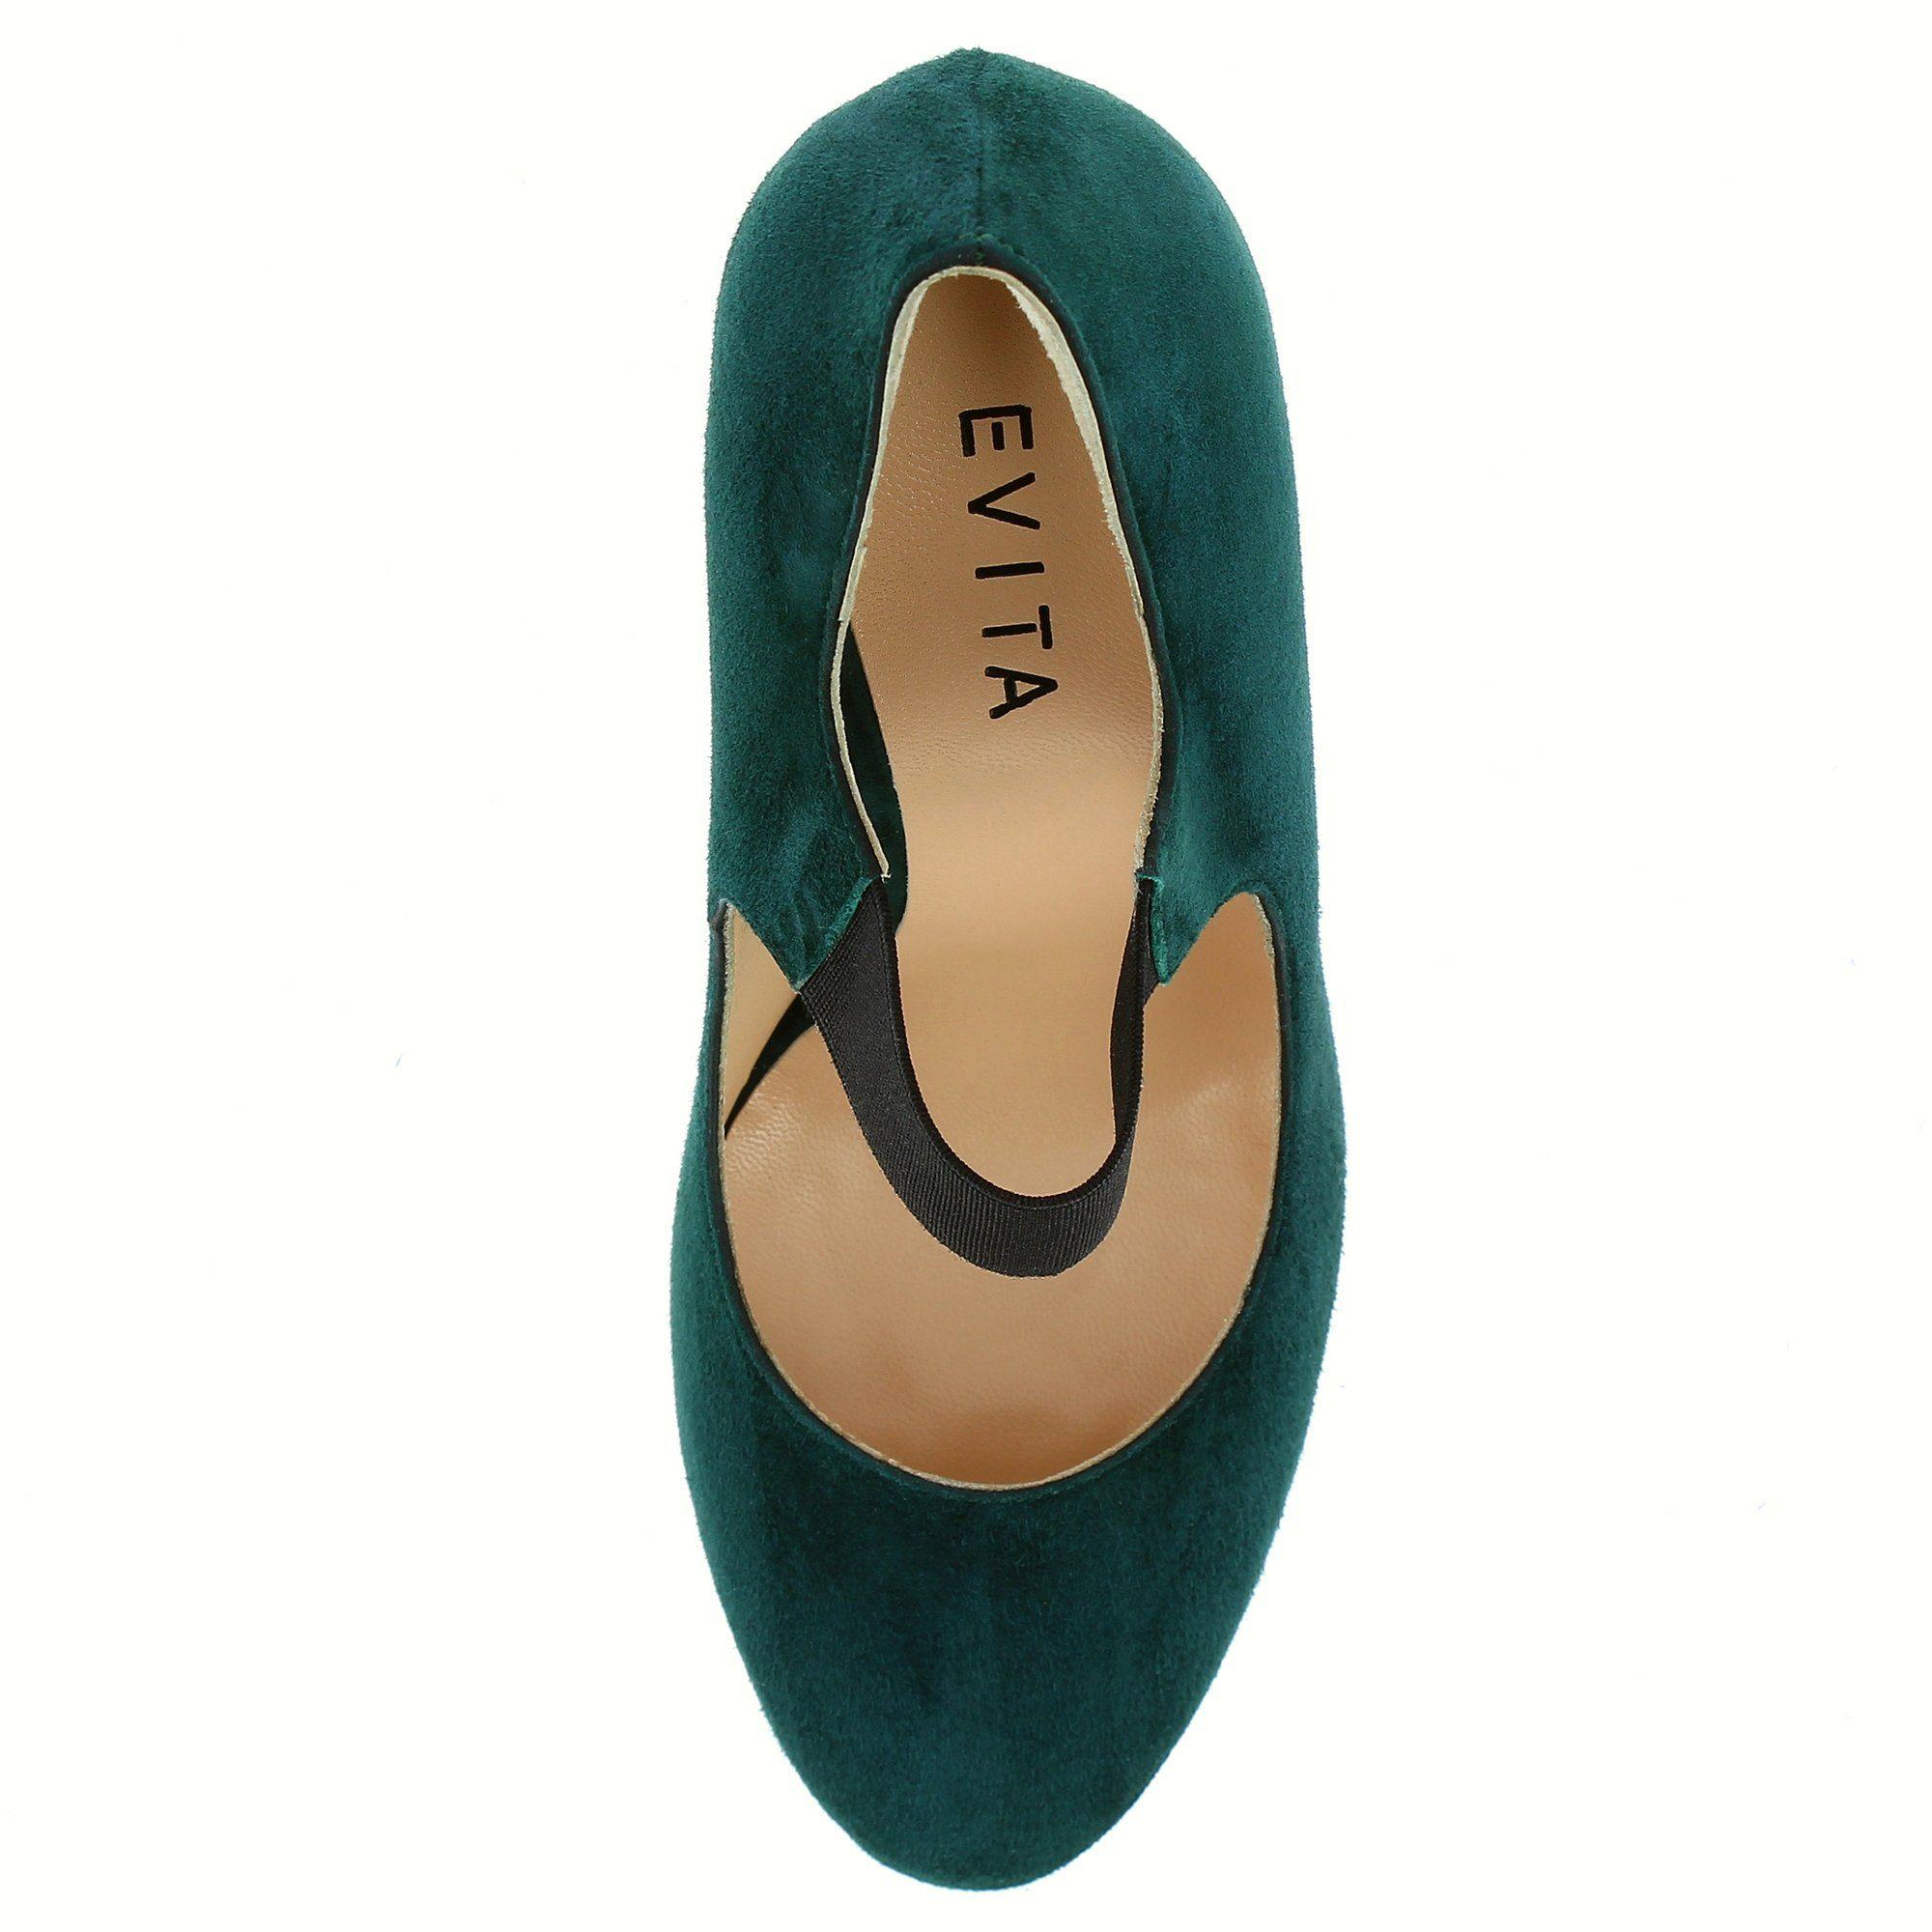 Evita ELEONORA Pumps online kaufen  dunkelgrün